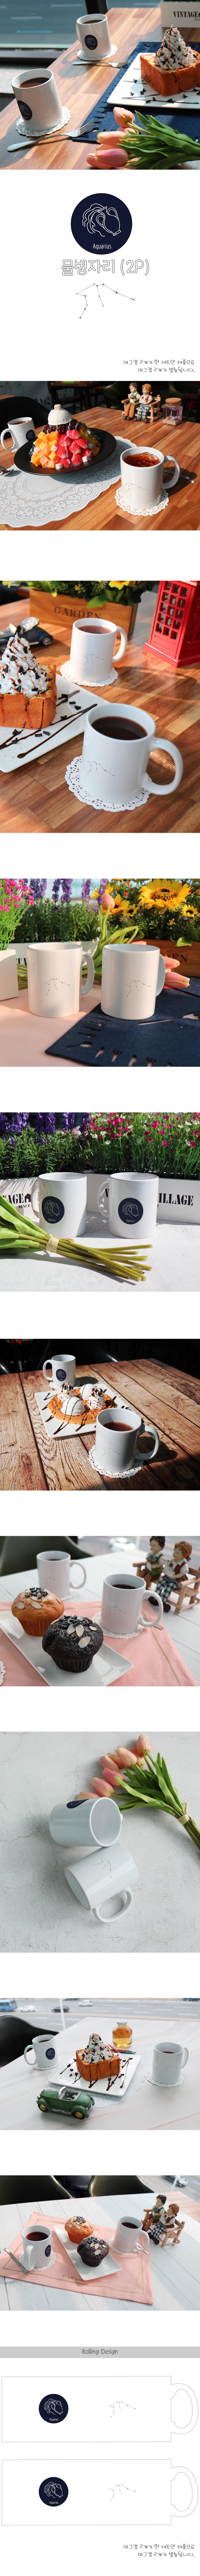 디자인머그컵2p-물병자리 - 꾸밈, 14,400원, 머그컵, 머그컵 세트